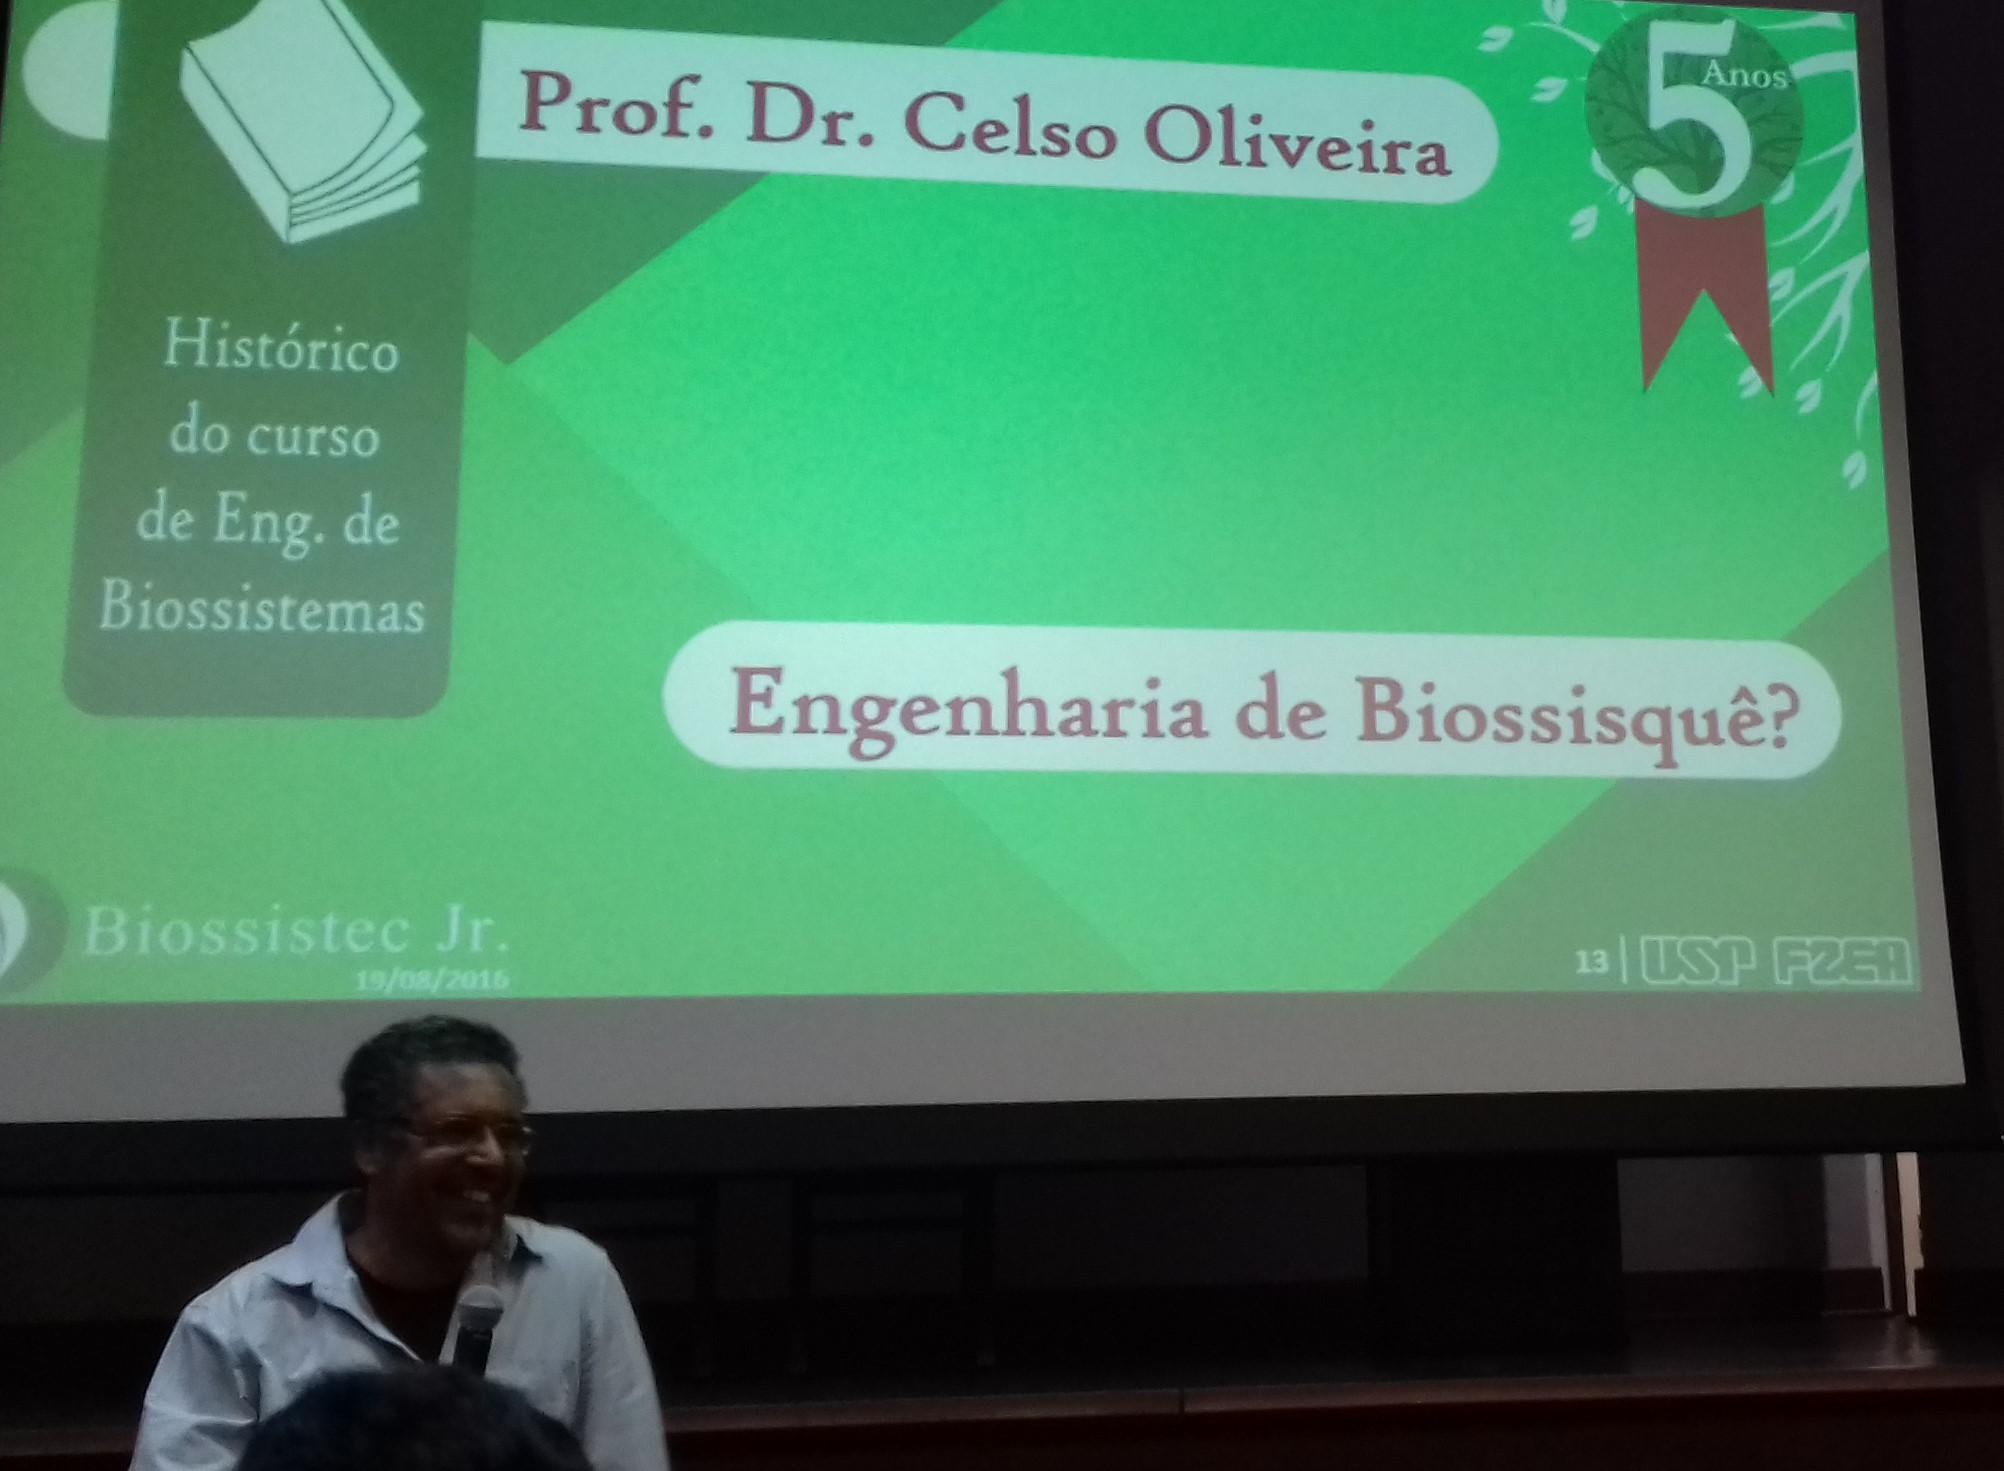 Prof Júnior Oliveira: Biossistec Jr. Completa 5 Anos